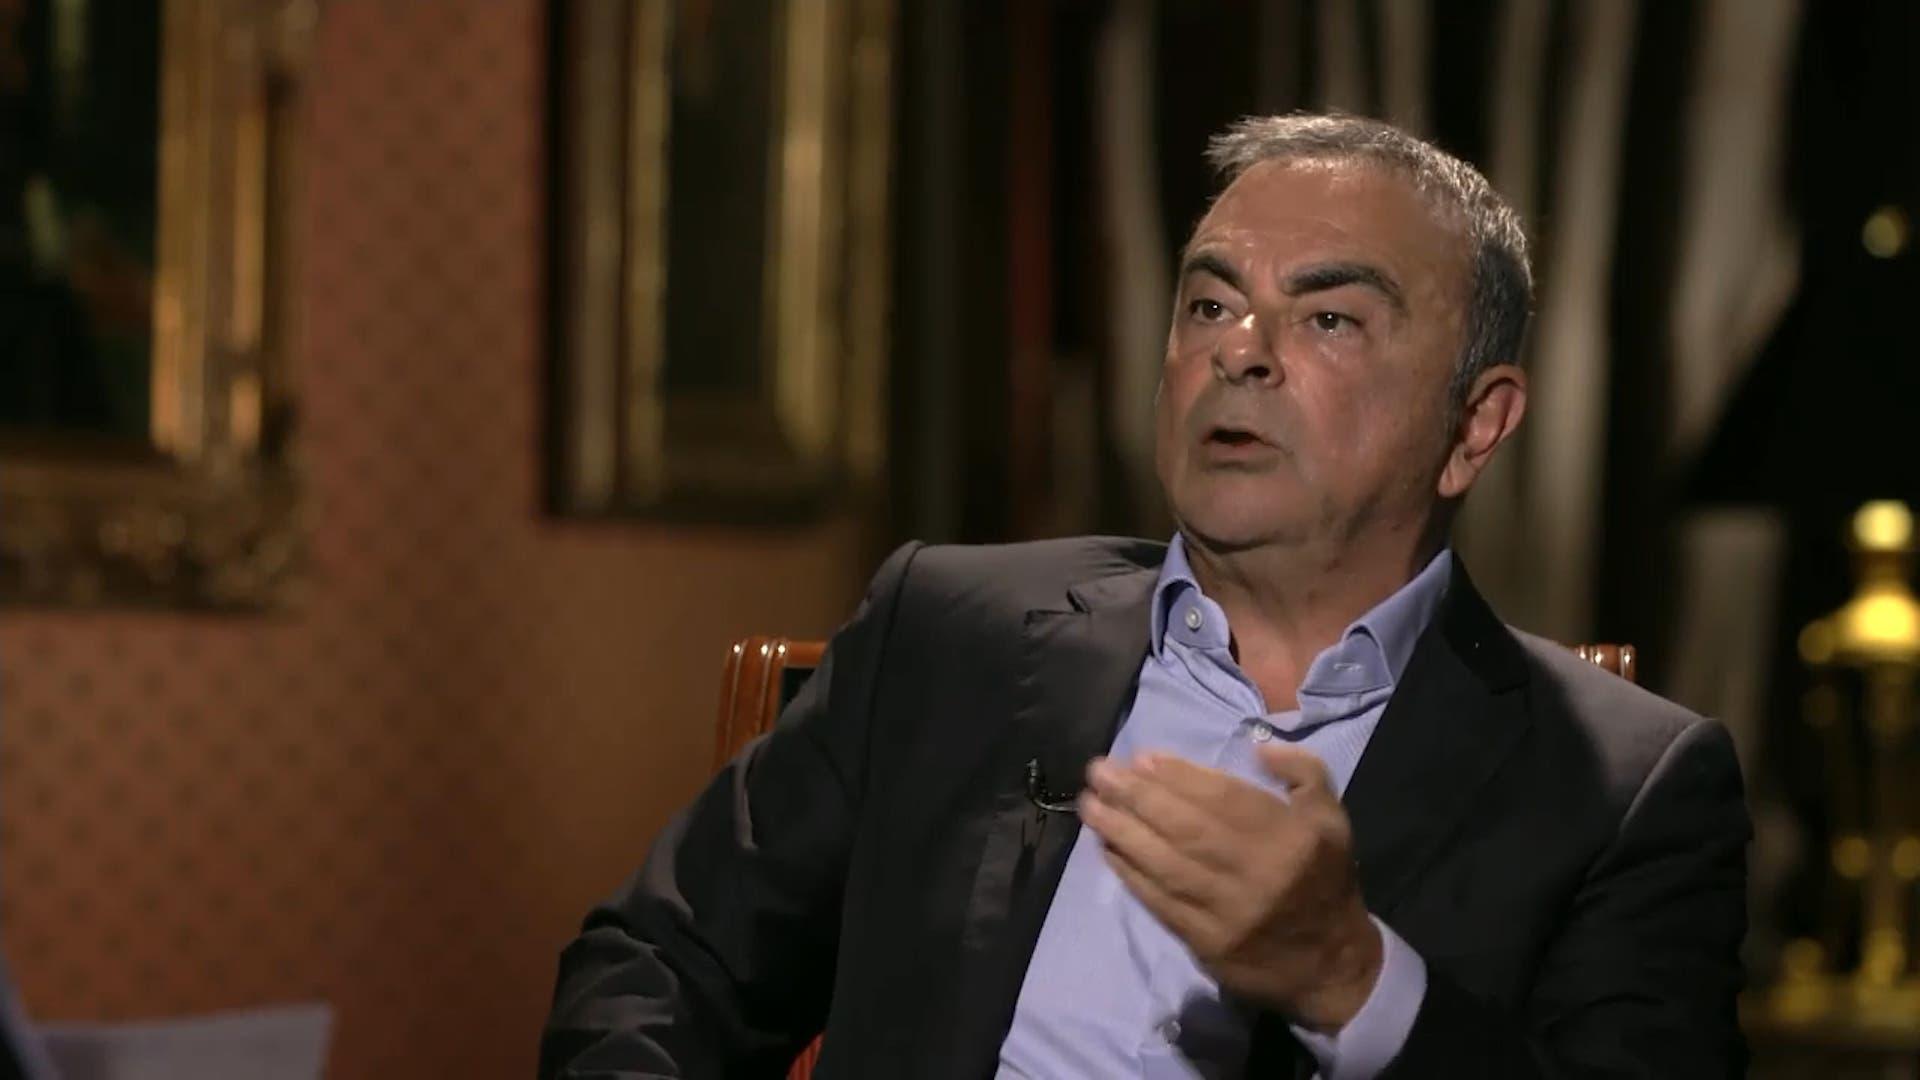 Former Nissan boss Carlos Ghosn. (Al Arabiya)